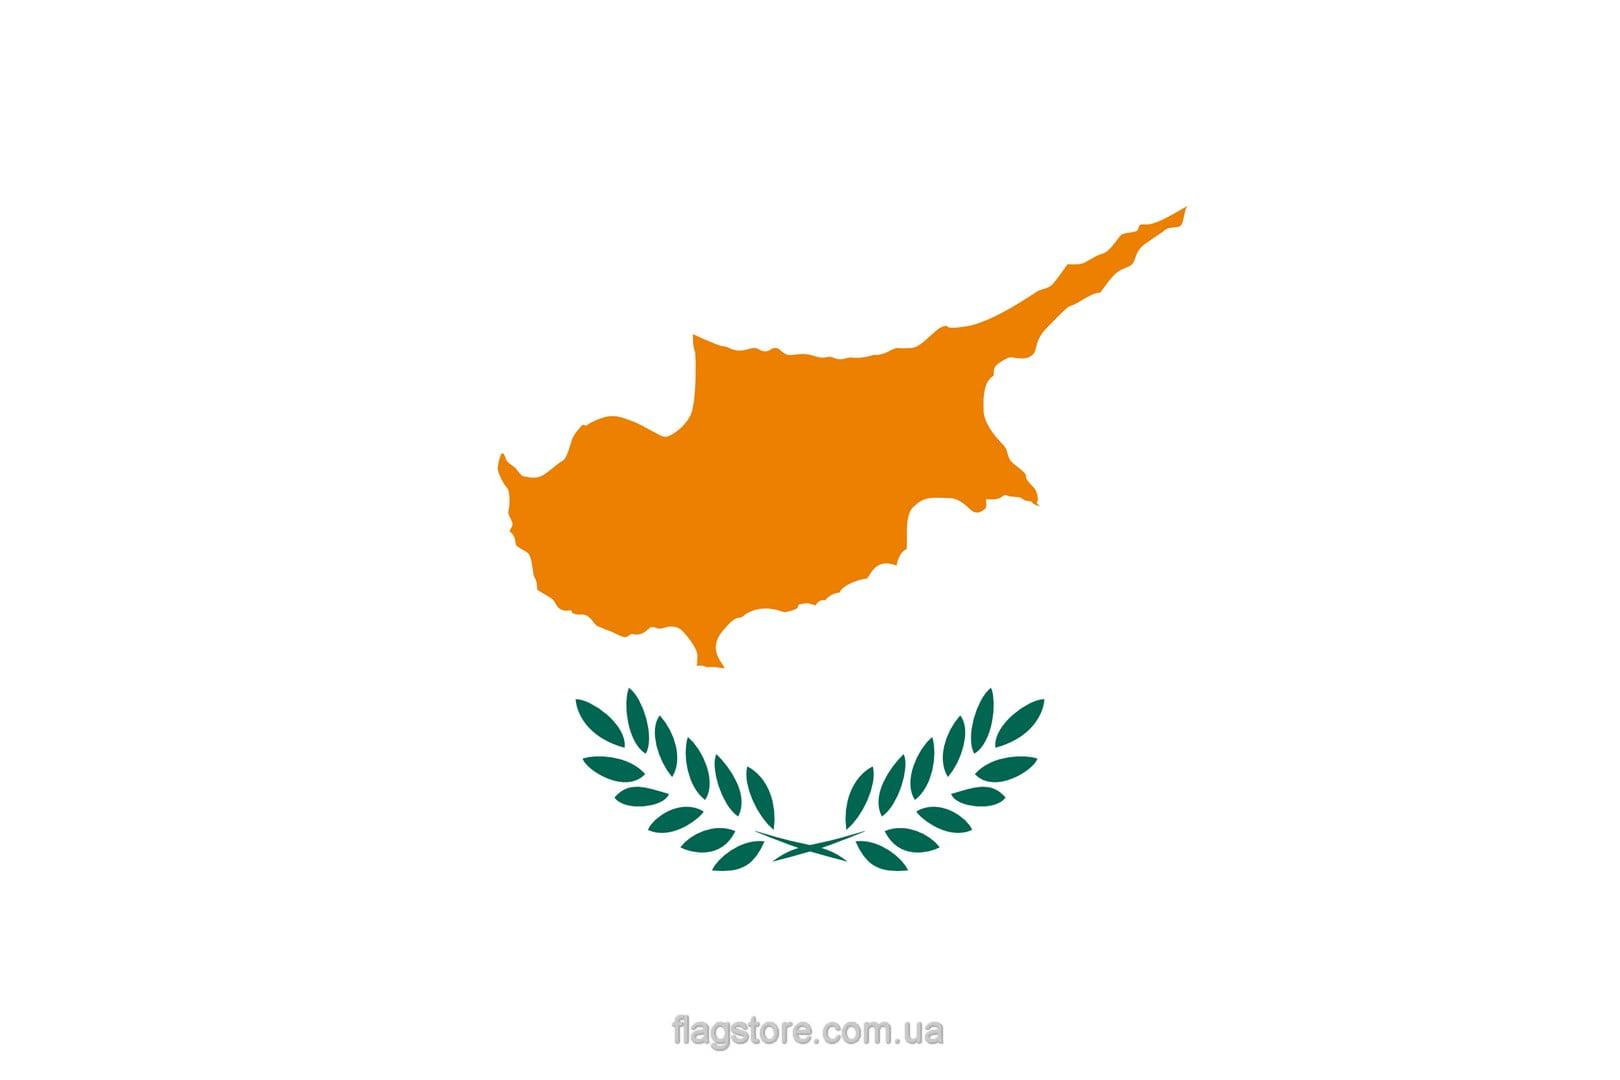 Купить флаг Республики Кипр